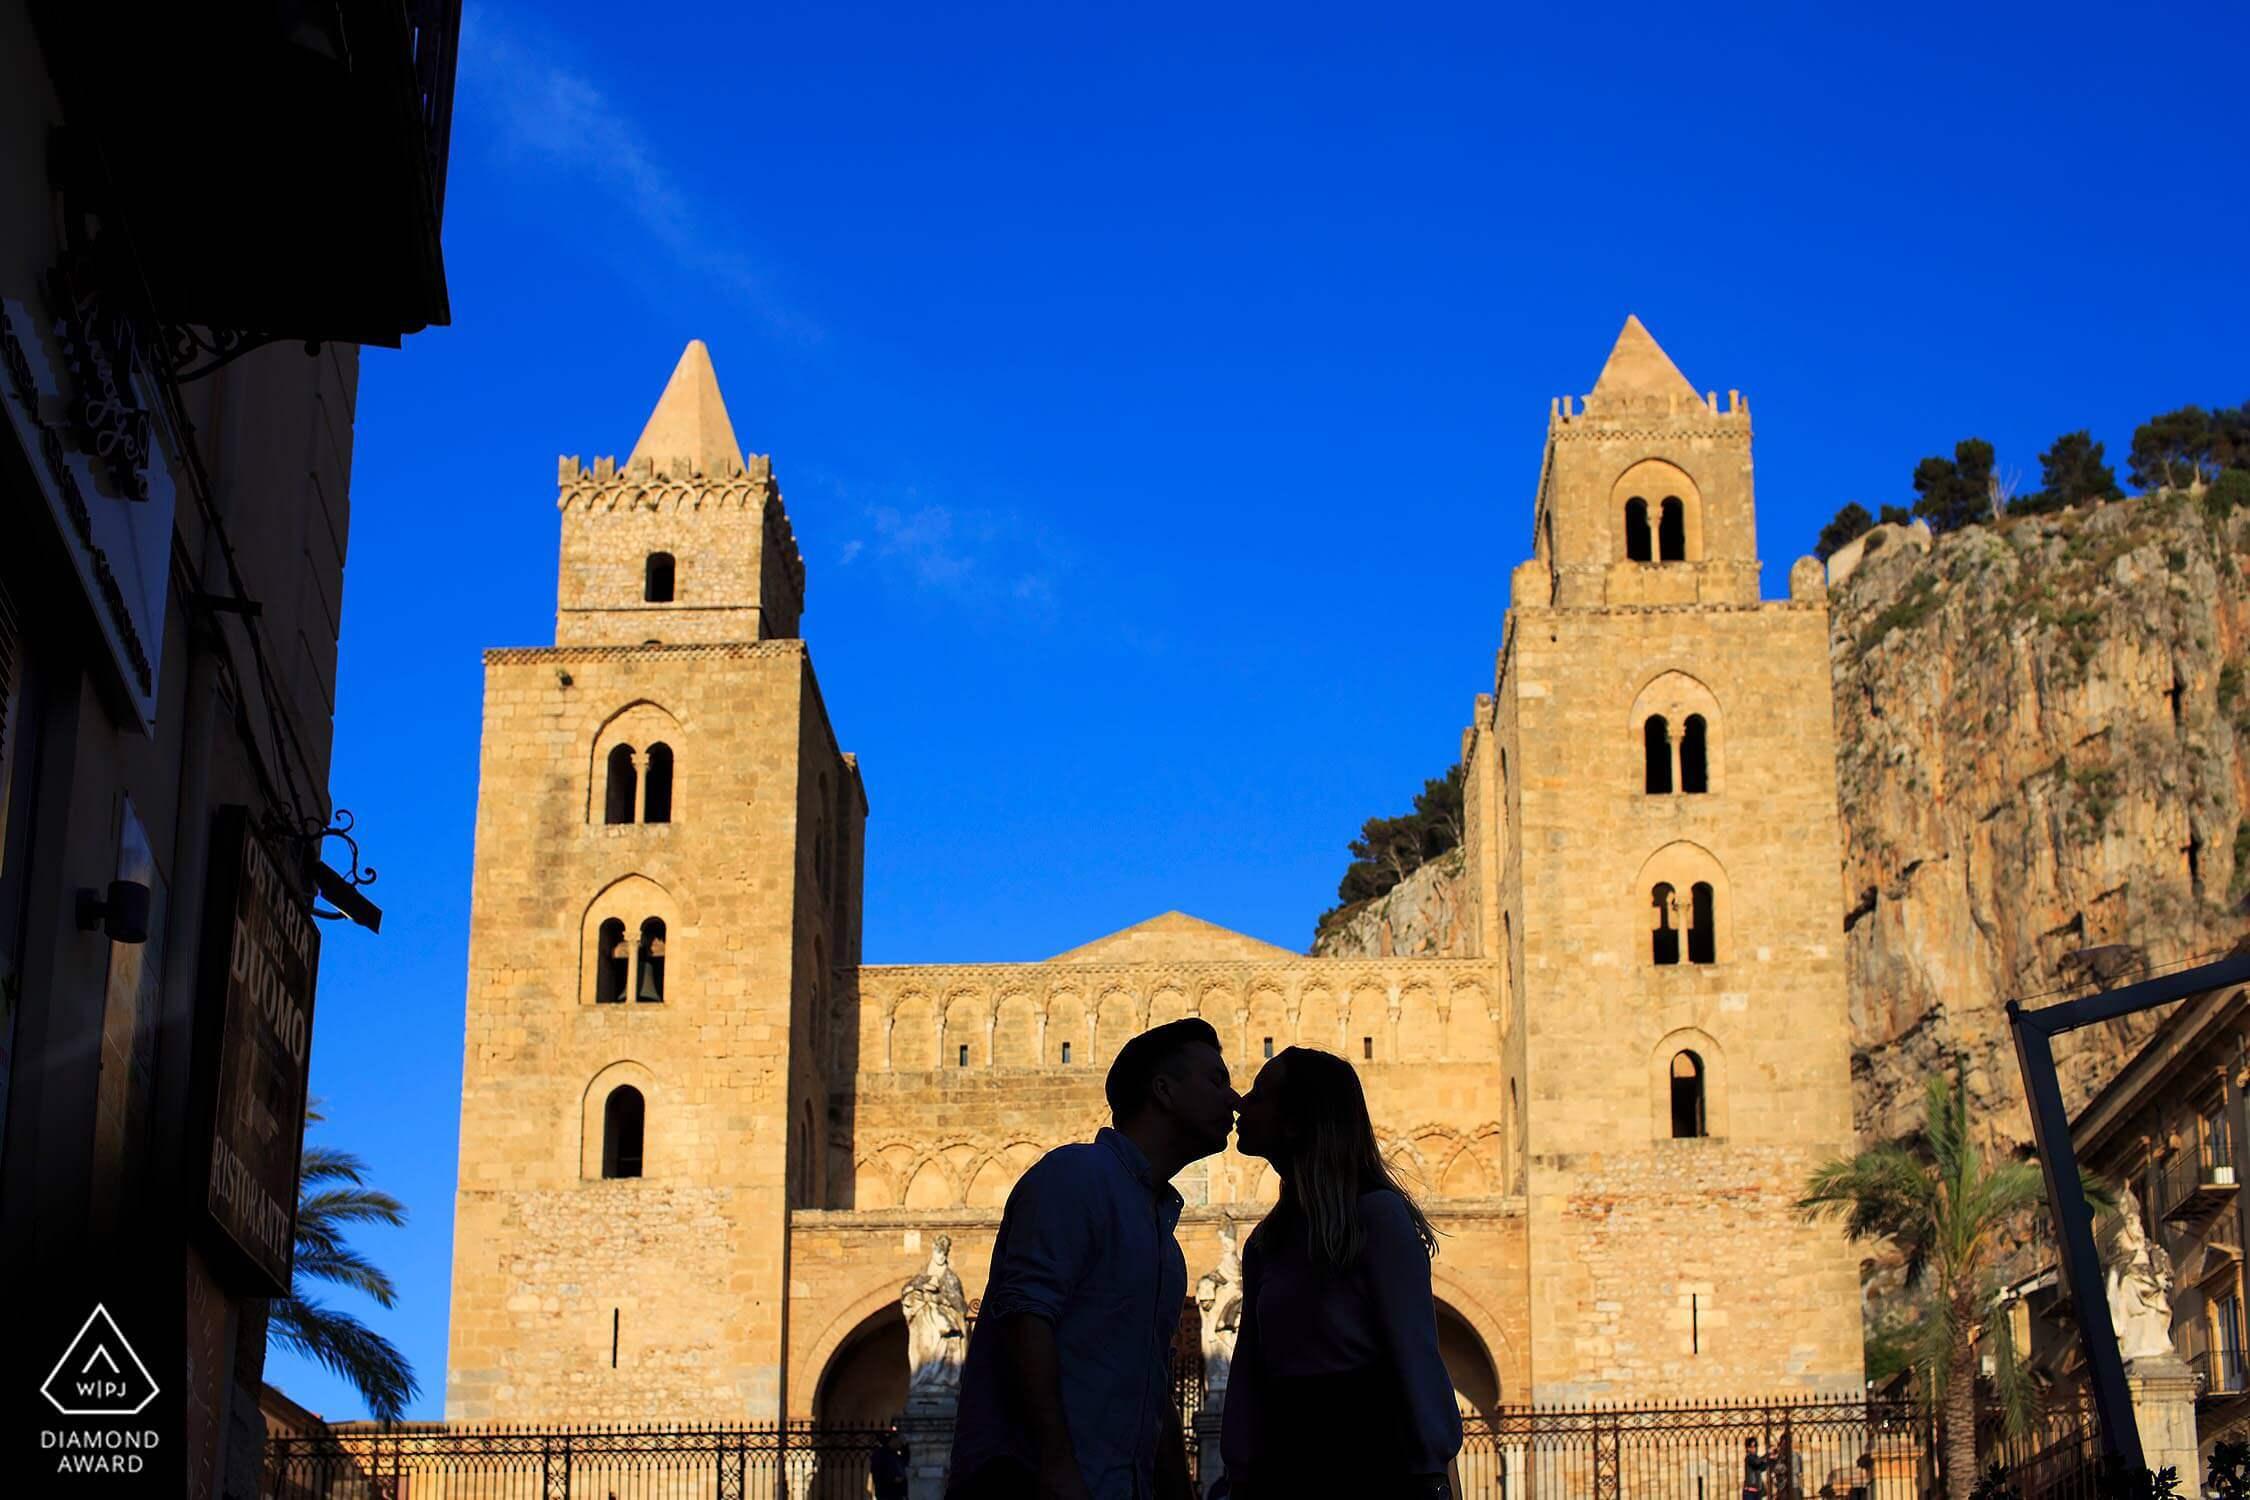 Cefalù proposta di matrimonio a sorpresa, controluce alla Chiesa Madre, foto Nino Lombardo